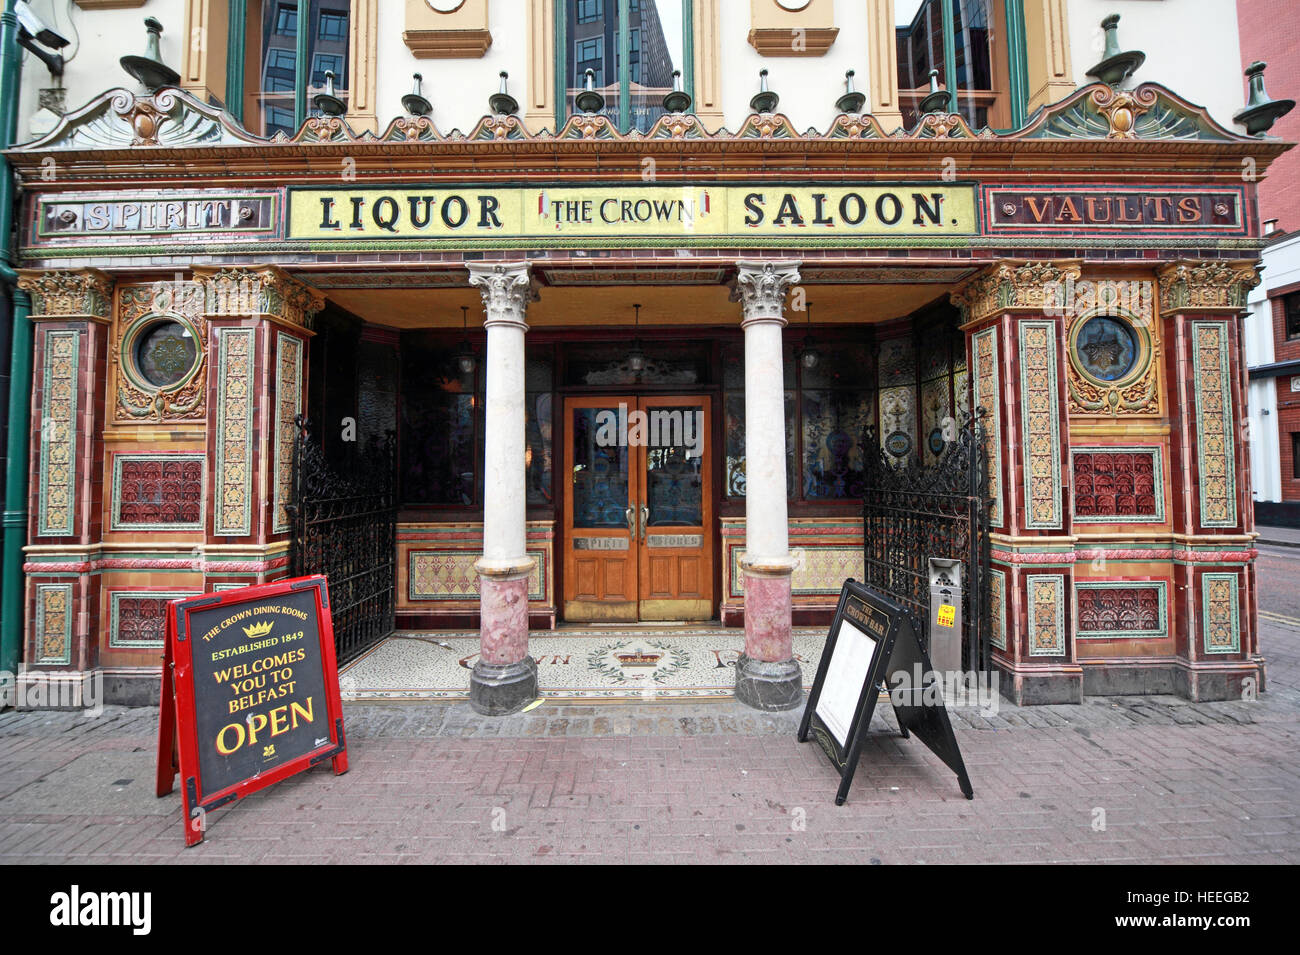 Laden Sie dieses Alamy Stockfoto Famous Crown Bar, Gt Victoria St, Belfast außen, Northern Ireland, UK - HEEGB2